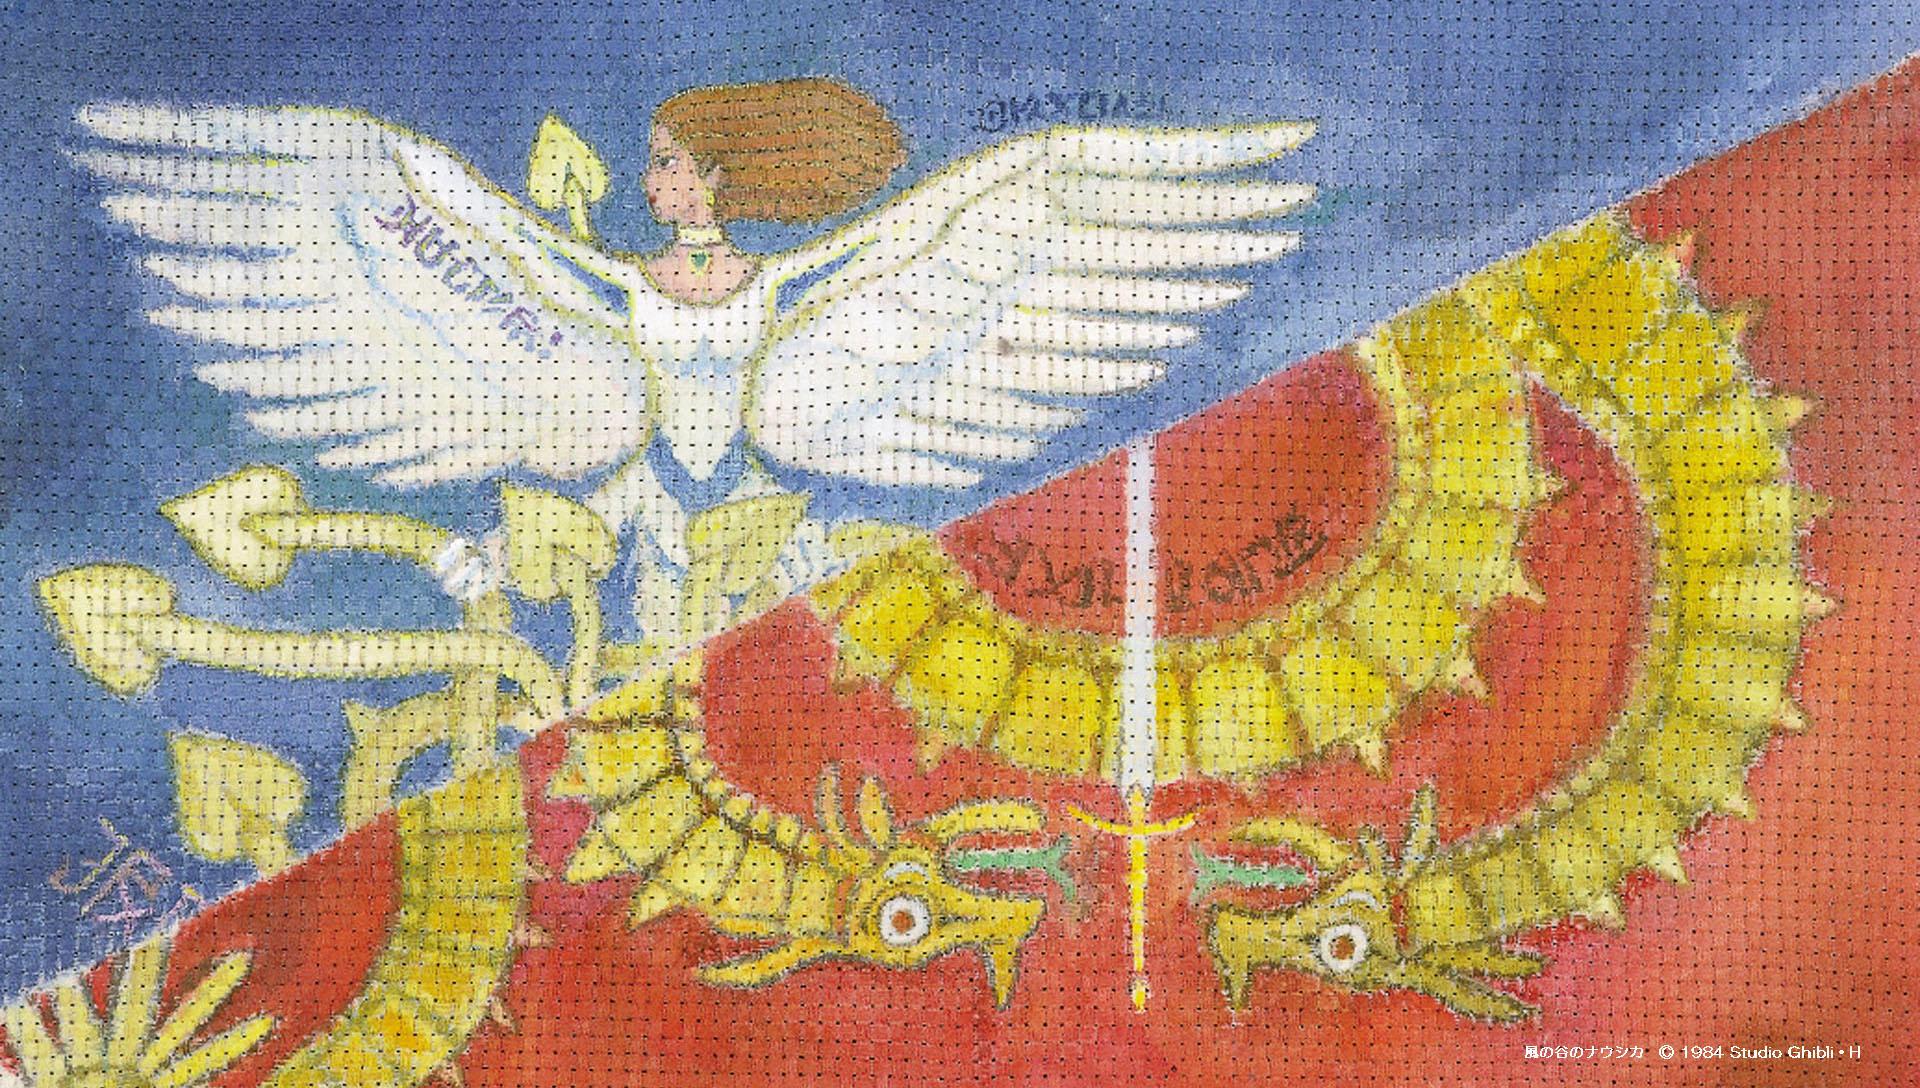 スタジオジブリがウェブ会議の背景に使用できる壁紙を無料配布 ナウシカ から かぐや姫 まで